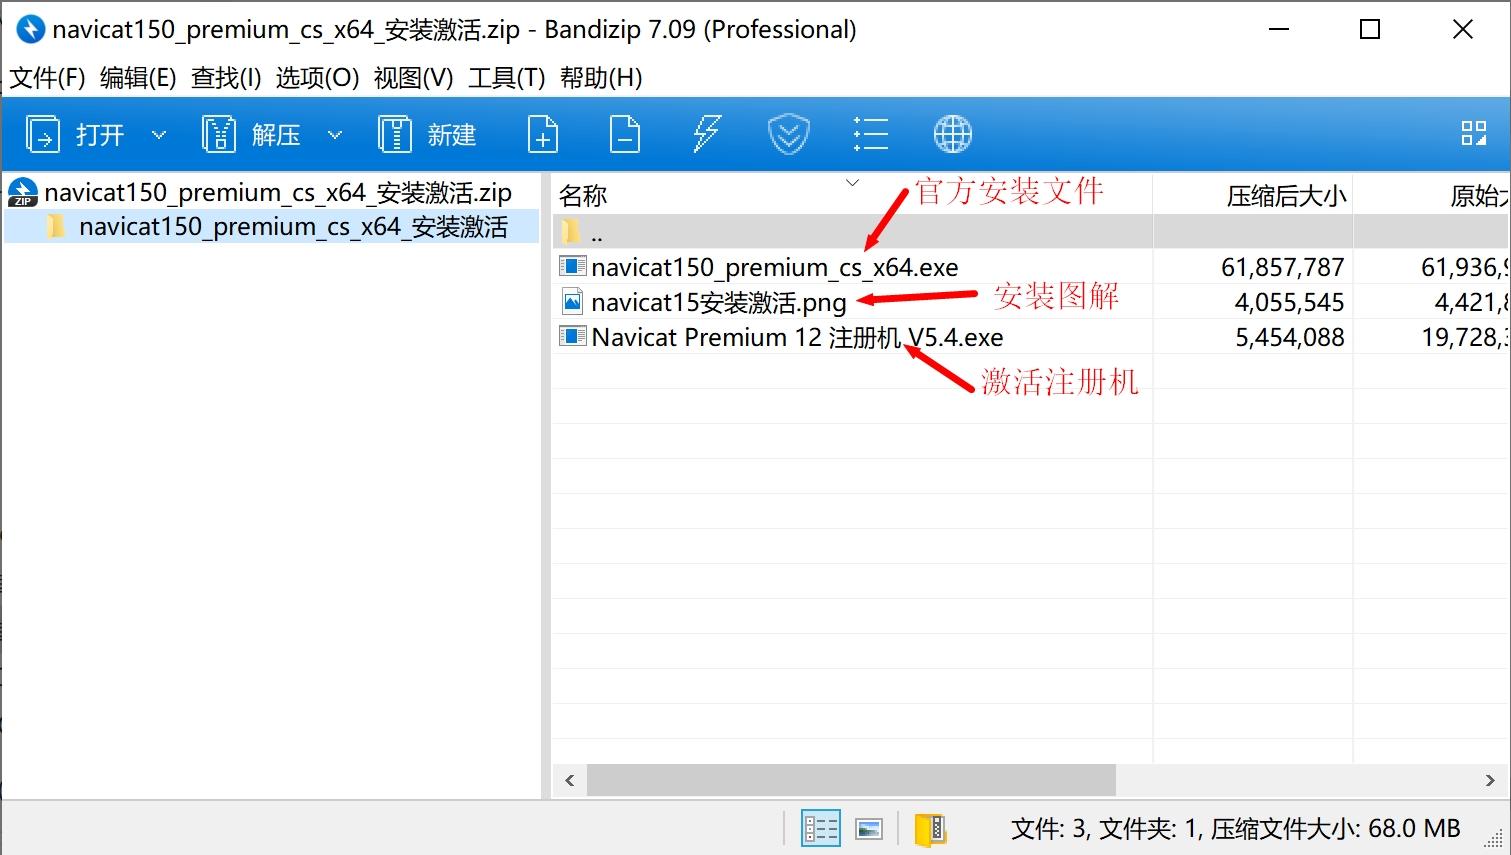 全能数据库管理工具Navicat 15 旗舰版x64位安装激活